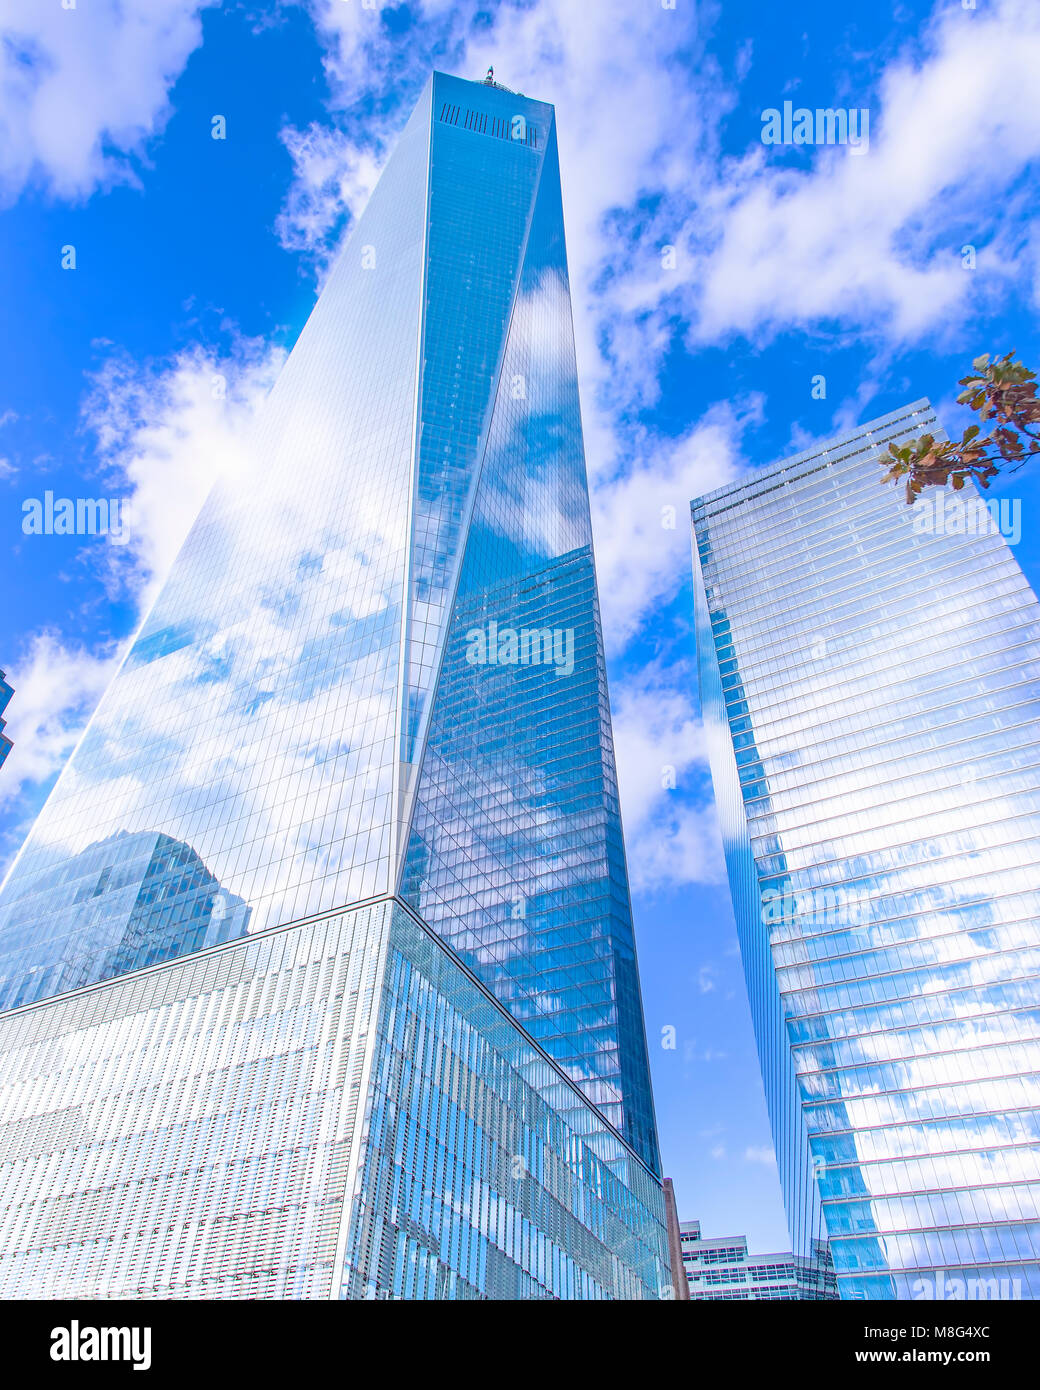 Une vue sur le World Trade Center à Manhattan. Un beau travail d'architecture et d'un émouvant Photo Stock